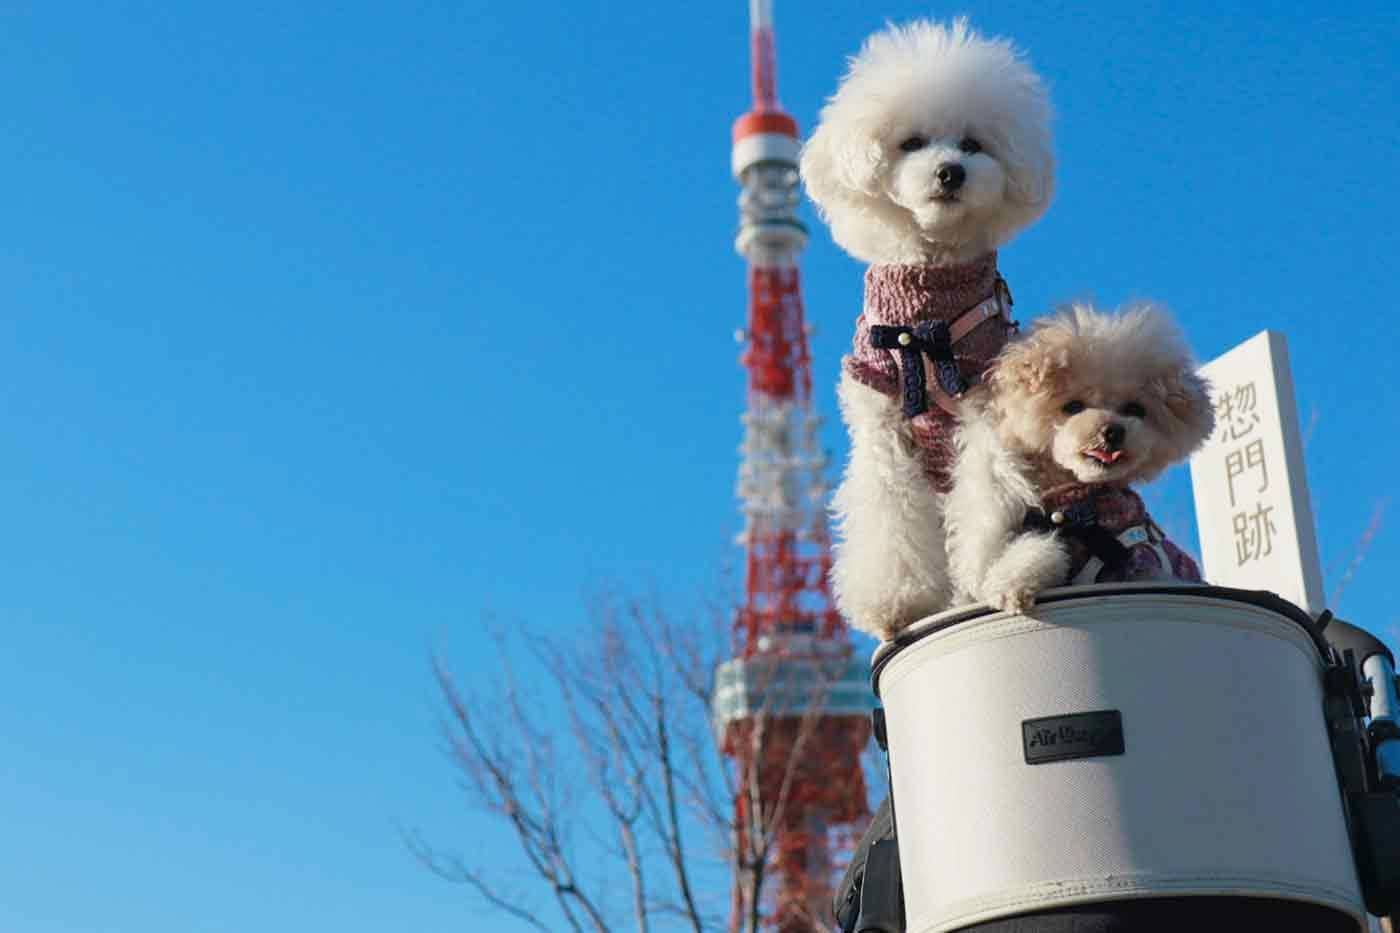 【東京タワー周辺】NO密!な冬のお散歩コースをご紹介♪店内わんちゃんOKランチも!